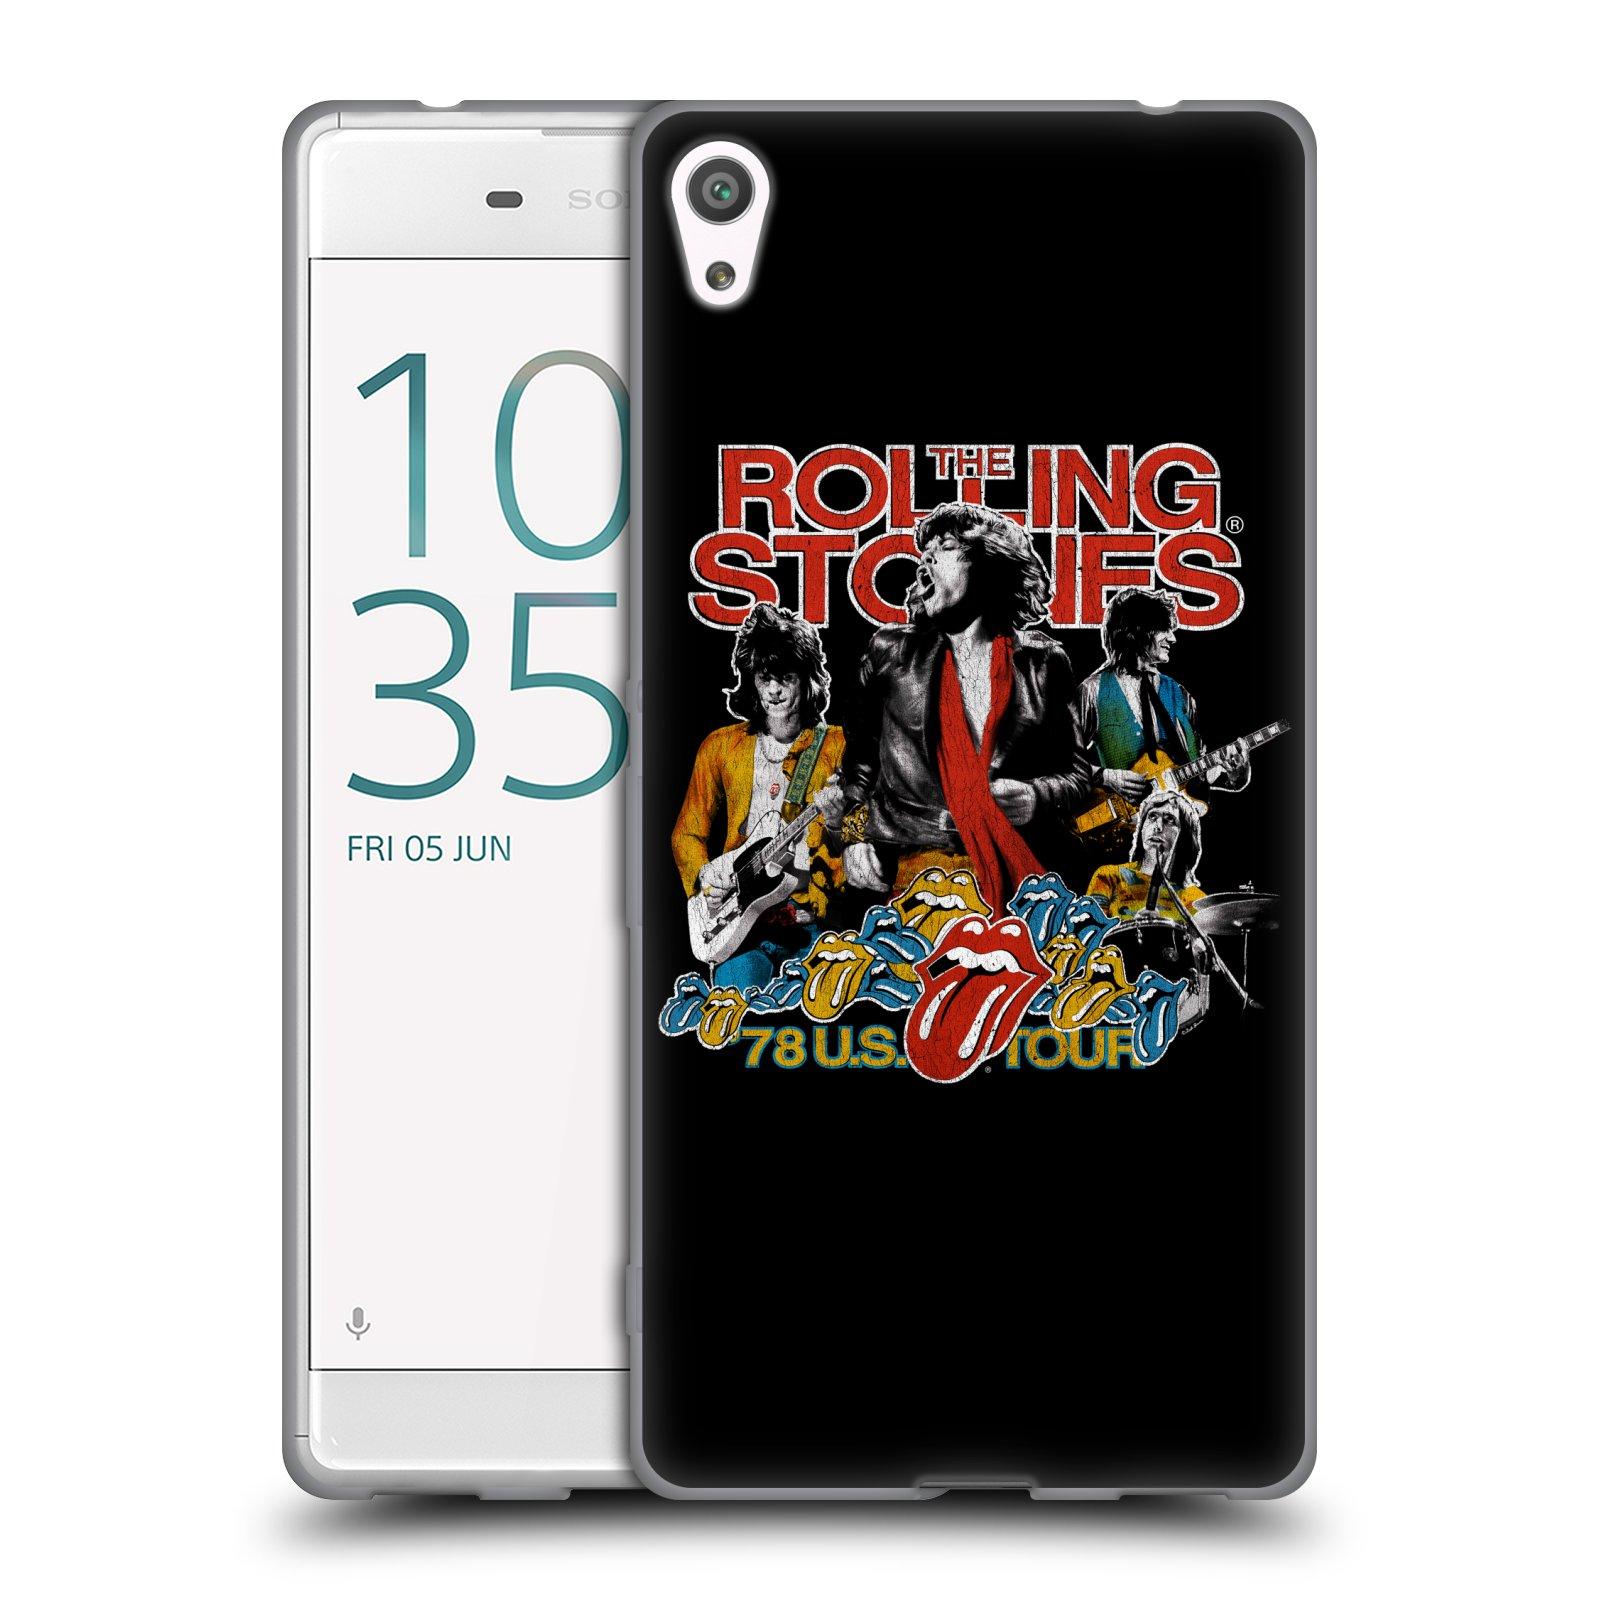 HEAD CASE silikonový obal na mobil Sony Xperia XA ULTRA rocková skupina Rolling Stones barevný motiv